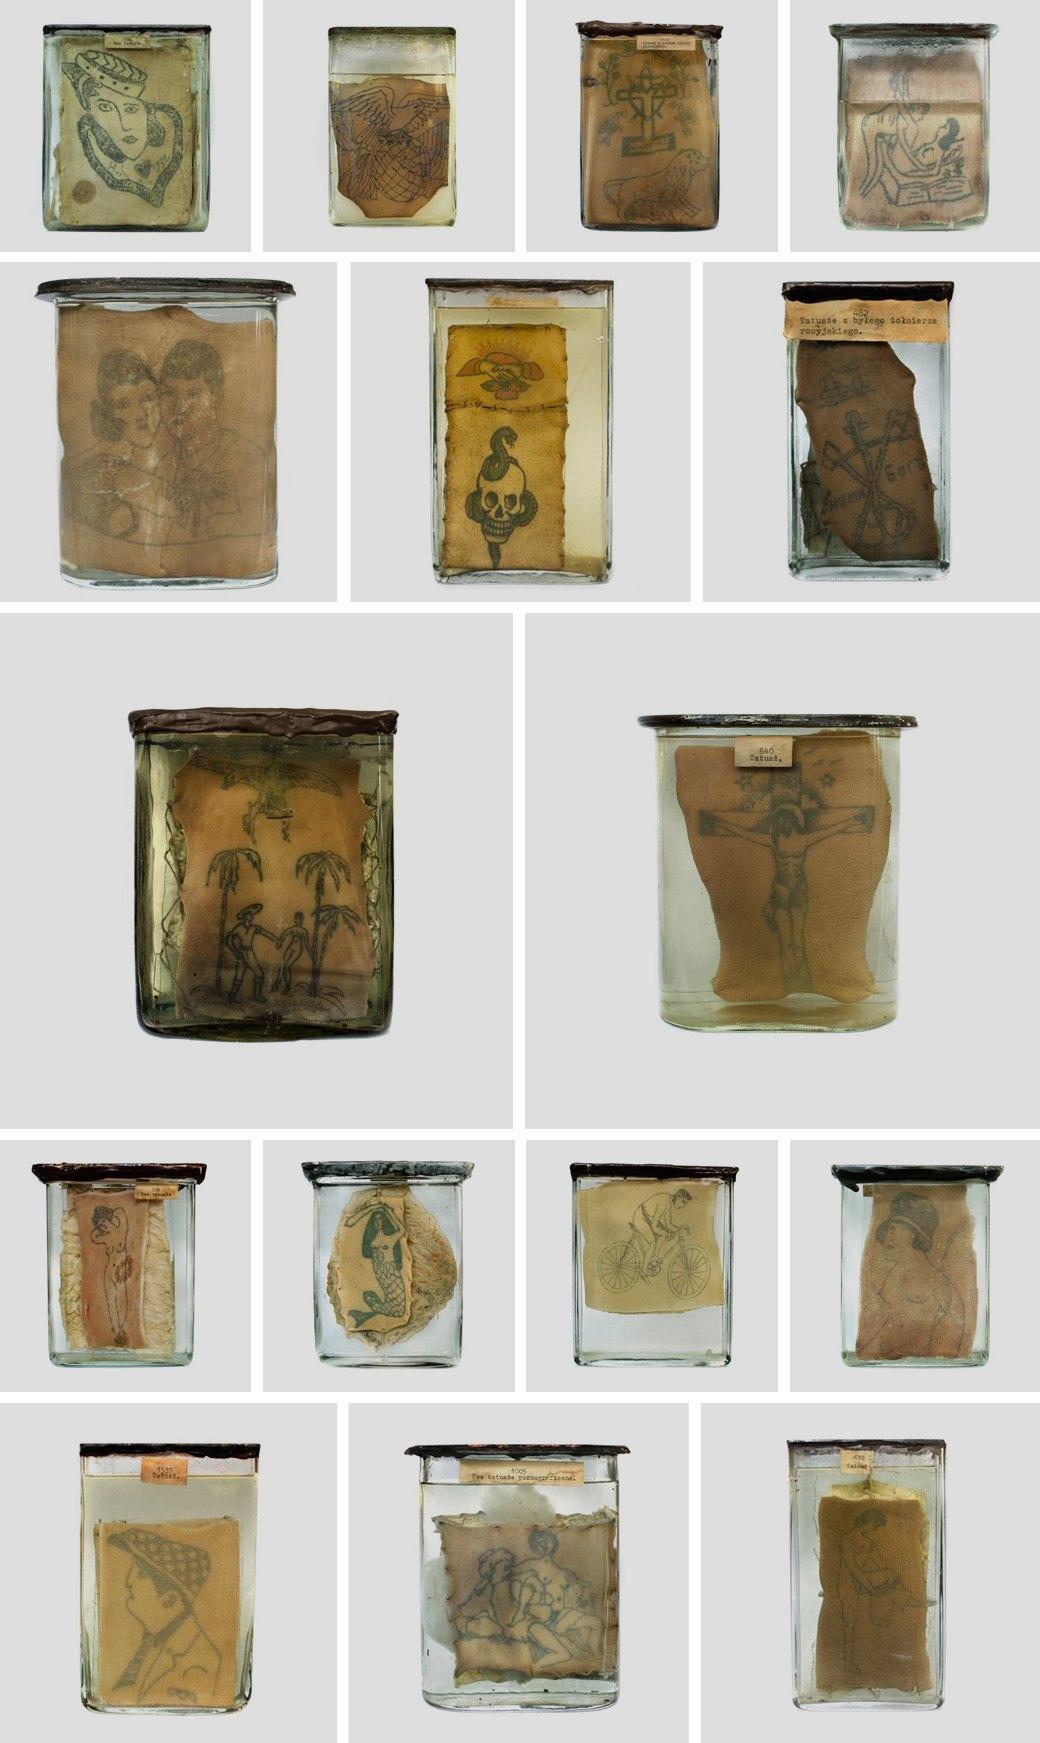 Катаржина Мирчак: Фотографии уникальной коллекции тюремных татуировок. Изображение № 1.